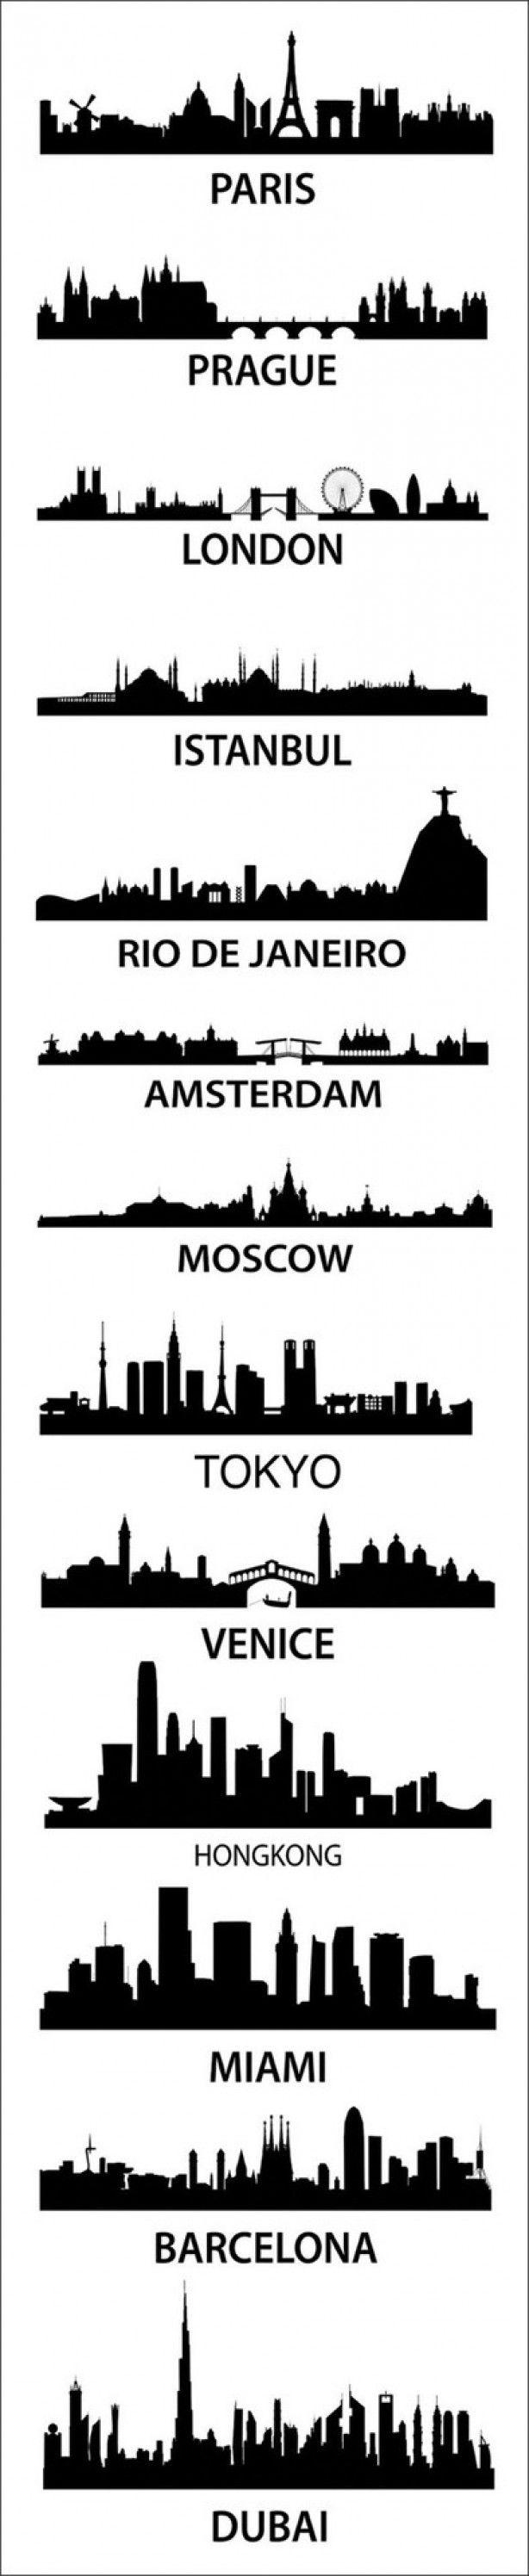 Handig te gebruiken voor als je een skyline nodig hebt